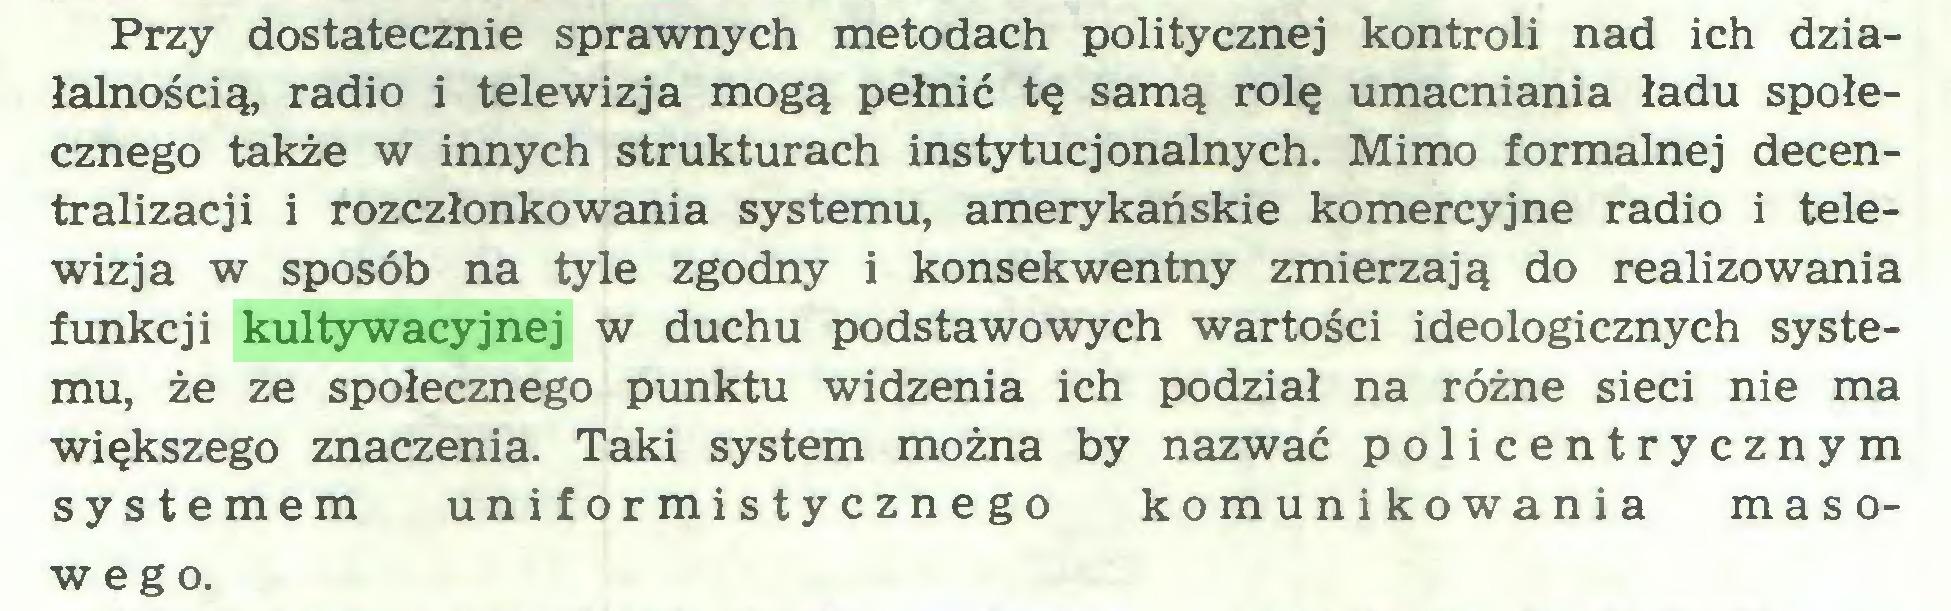 (...) Przy dostatecznie sprawnych metodach politycznej kontroli nad ich działalnością, radio i telewizja mogą pełnić tę samą rolę umacniania ładu społecznego także w innych strukturach instytucjonalnych. Mimo formalnej decentralizacji i rozczłonkowania systemu, amerykańskie komercyjne radio i telewizja w sposób na tyle zgodny i konsekwentny zmierzają do realizowania funkcji kultywacyjnej w duchu podstawowych wartości ideologicznych systemu, że ze społecznego punktu widzenia ich podział na różne sieci nie ma większego znaczenia. Taki system można by nazwać policentrycznym systemem uniformistycznego komunikowania masowego...